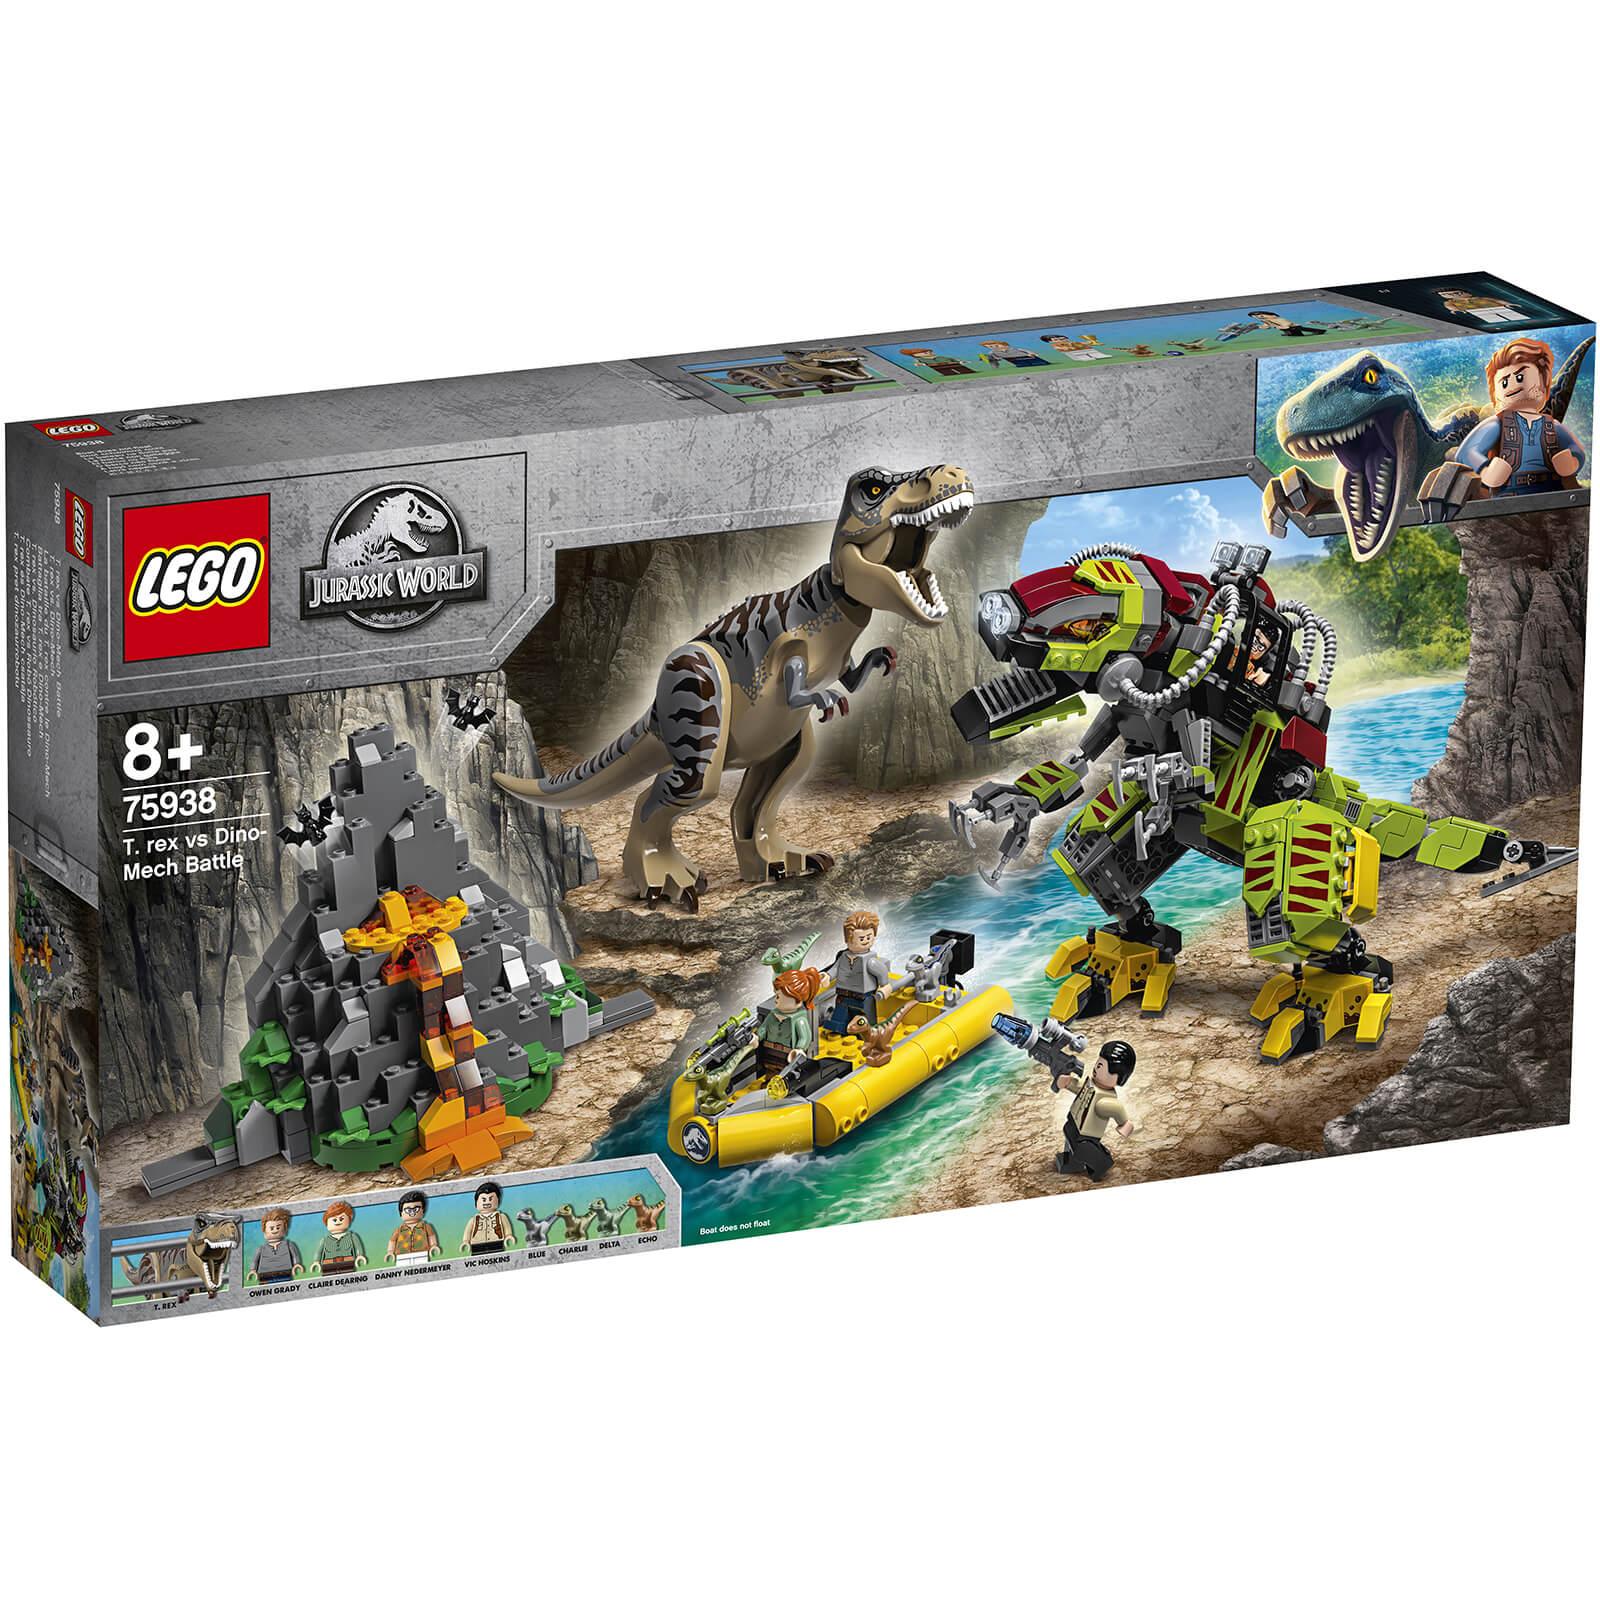 Battle75938 Lego Vs Rex WorldT Mech Dino Jurassic E92HYWID